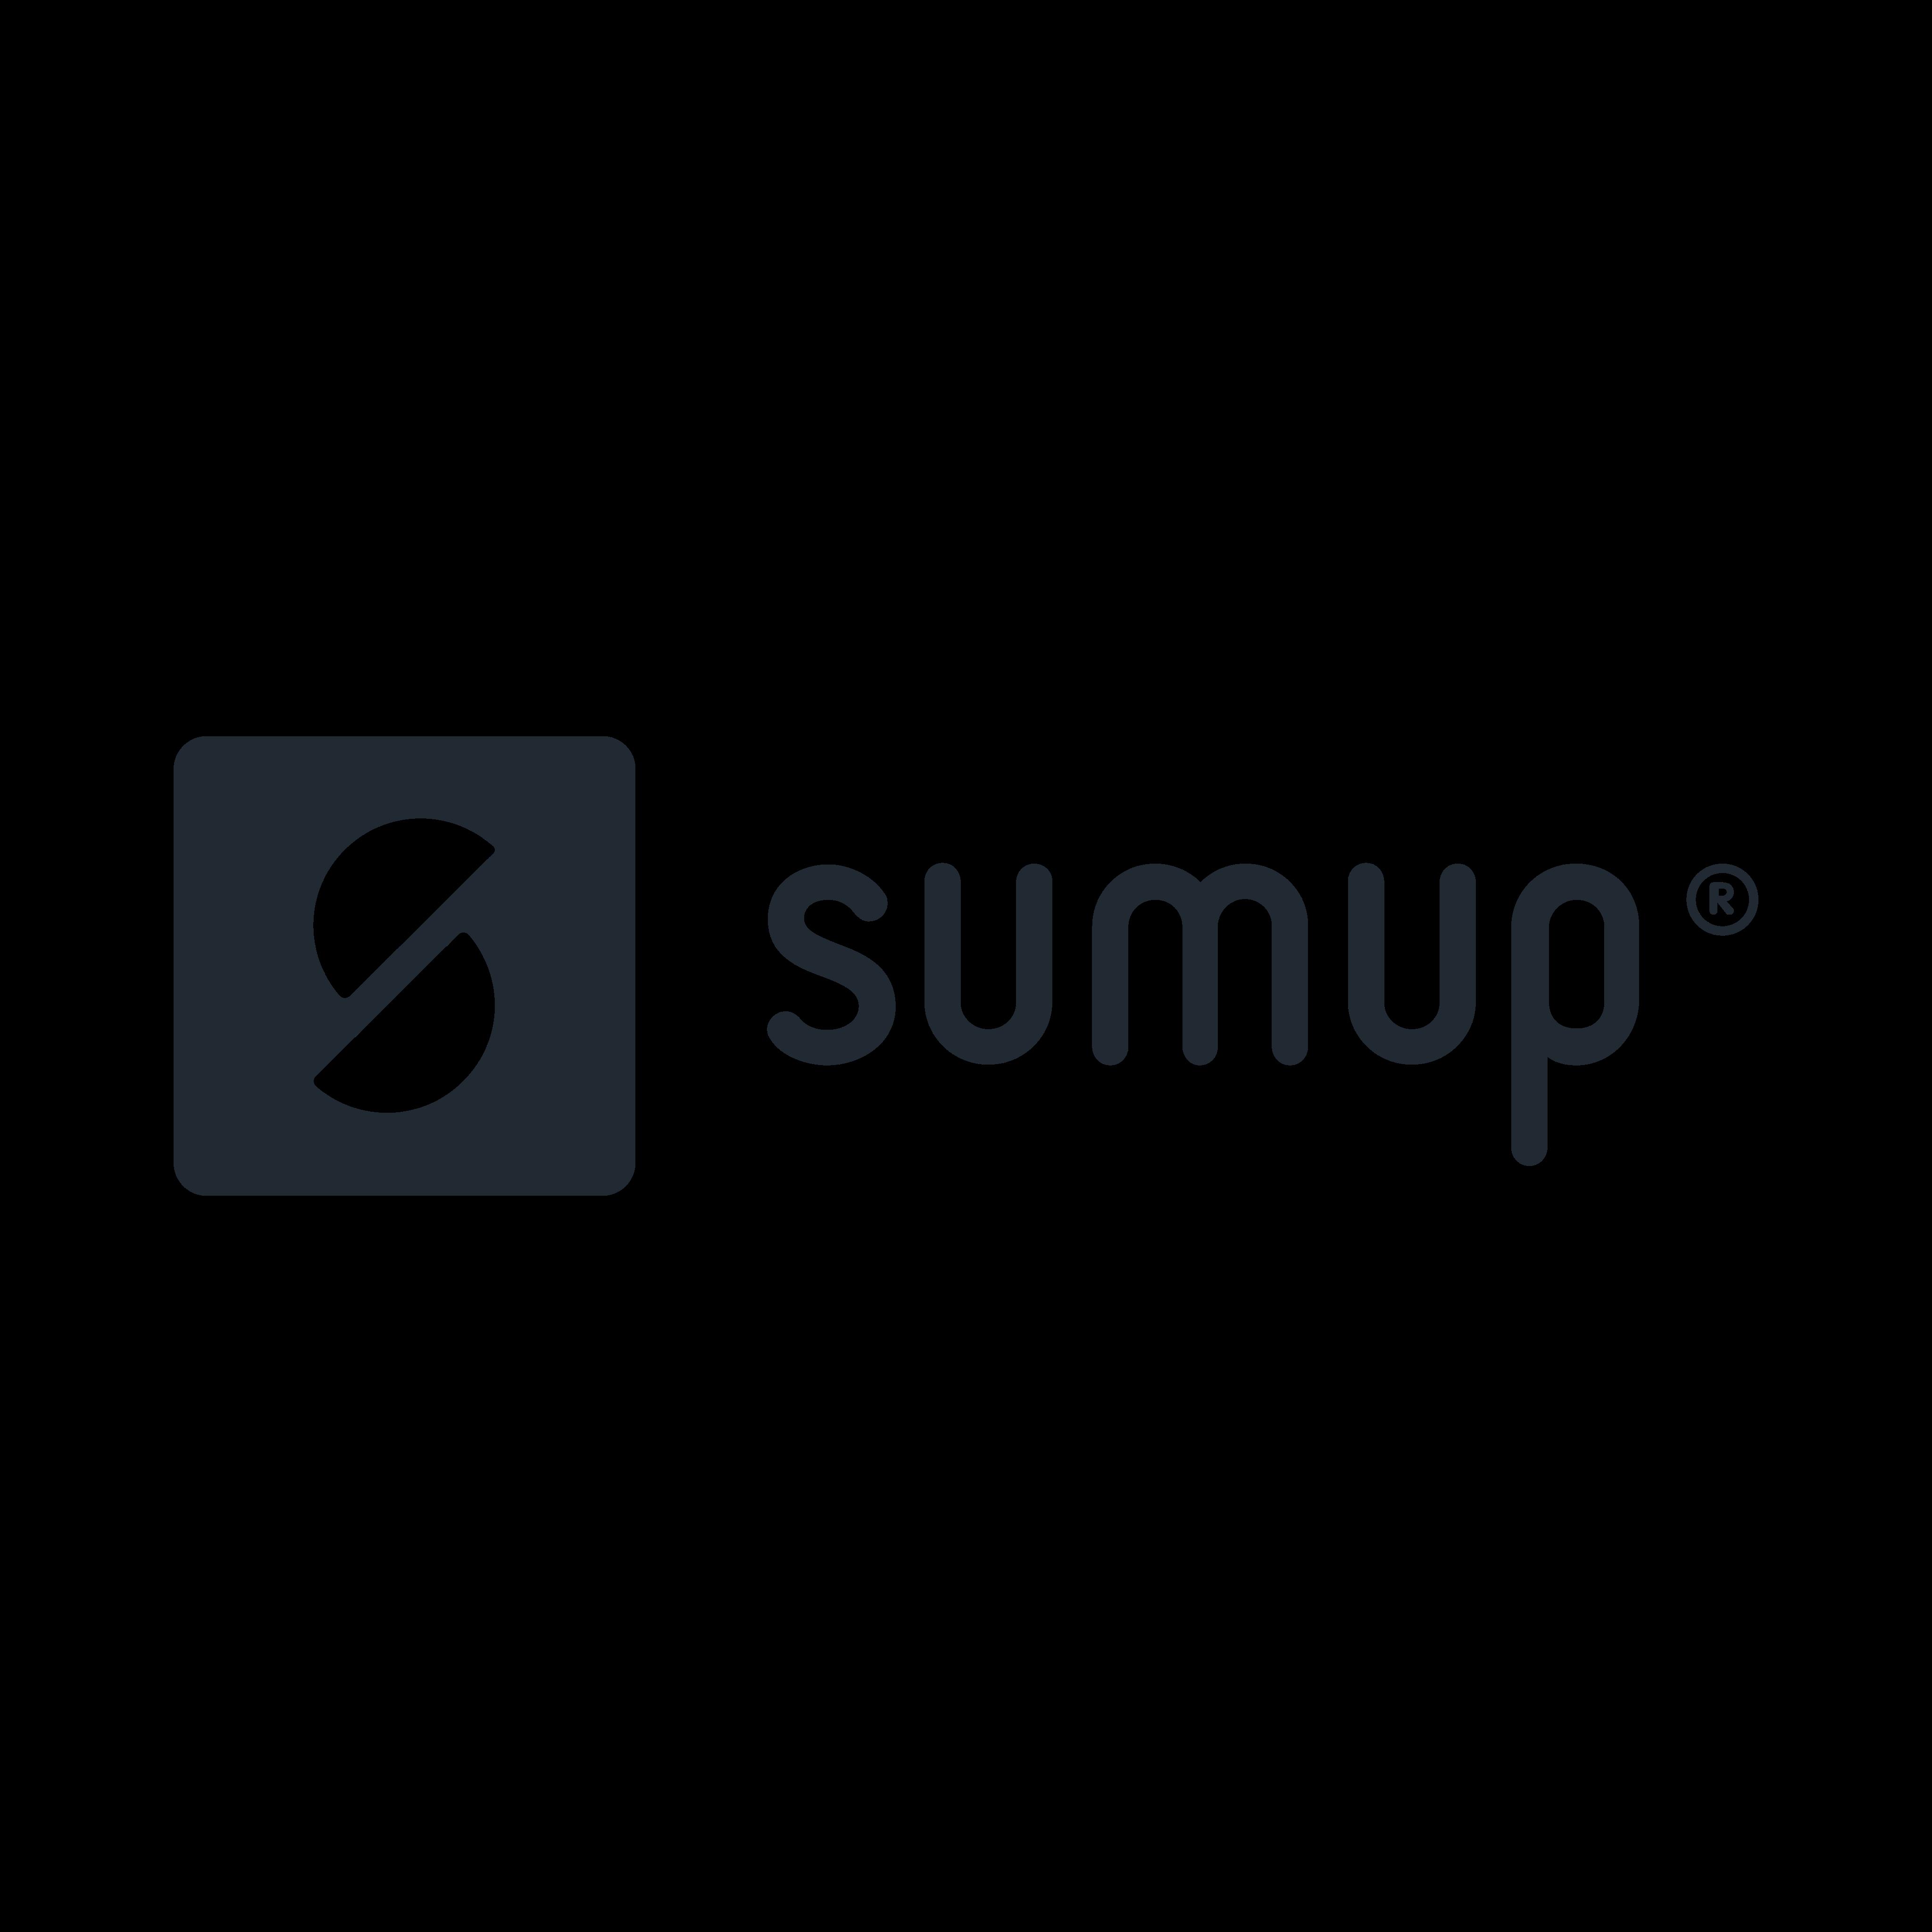 sumup logo 0 - SumUp Logo